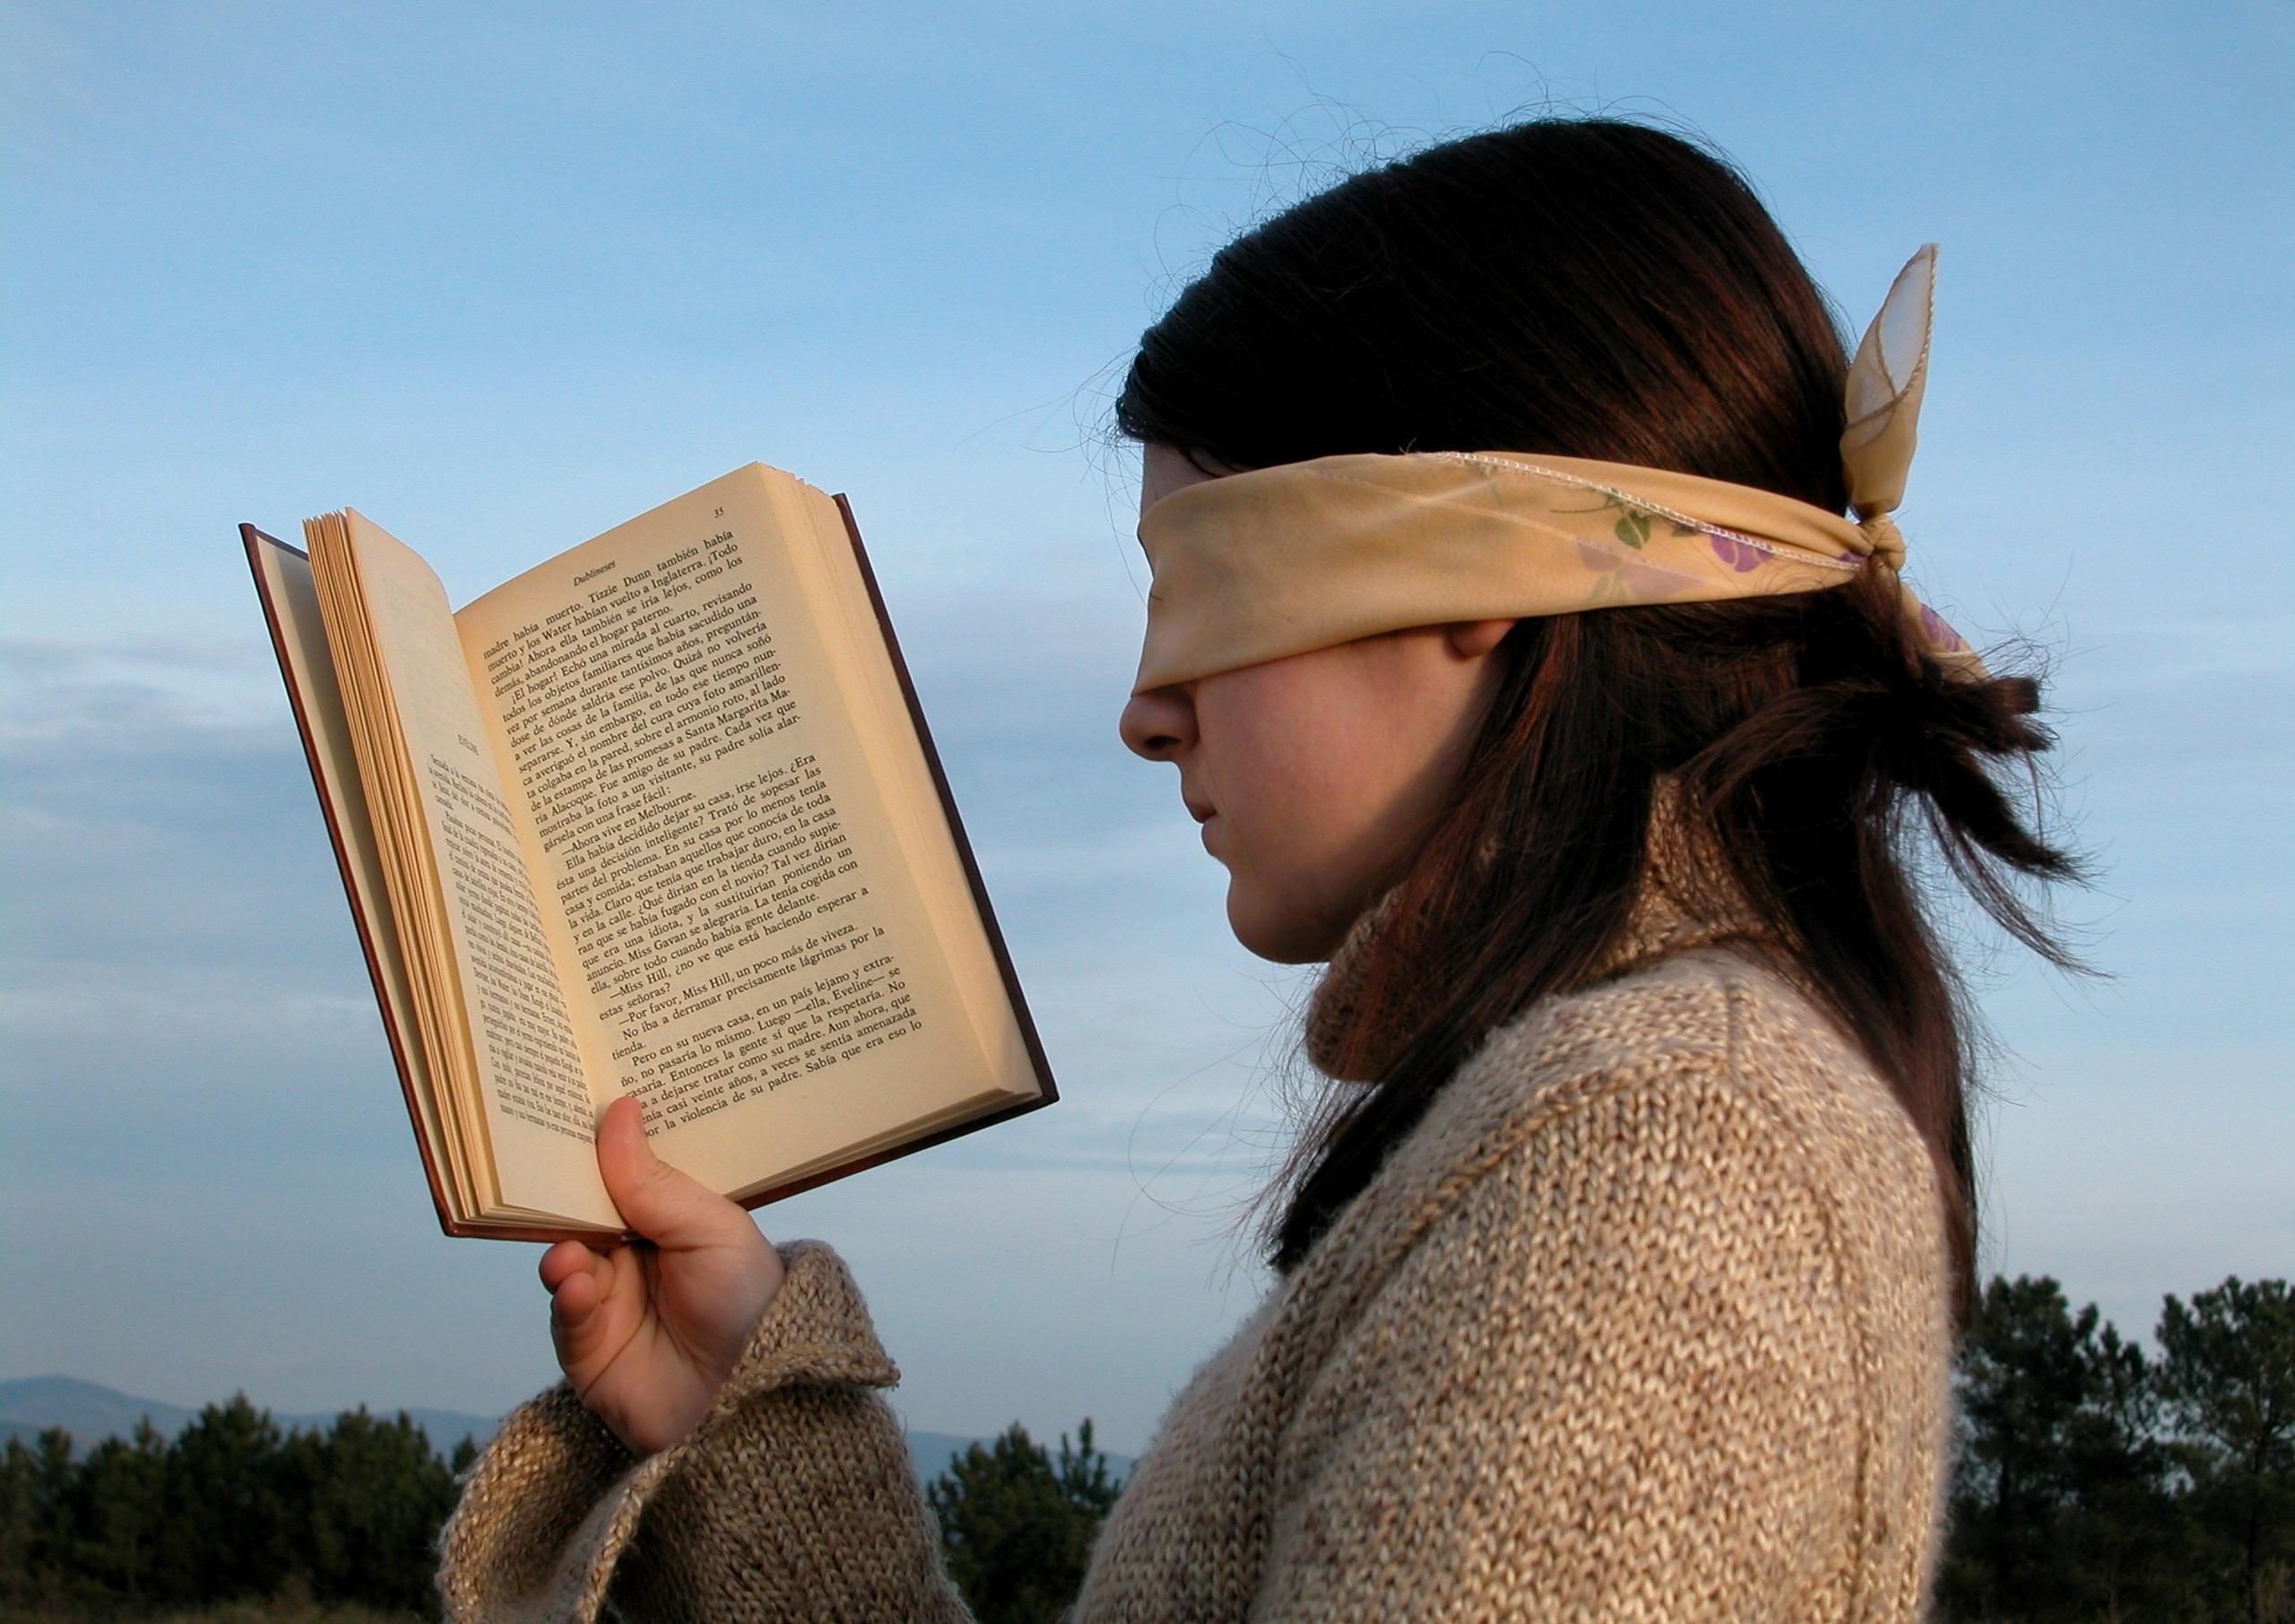 говорить картинки книг грамотности намекают агрессию, возможность